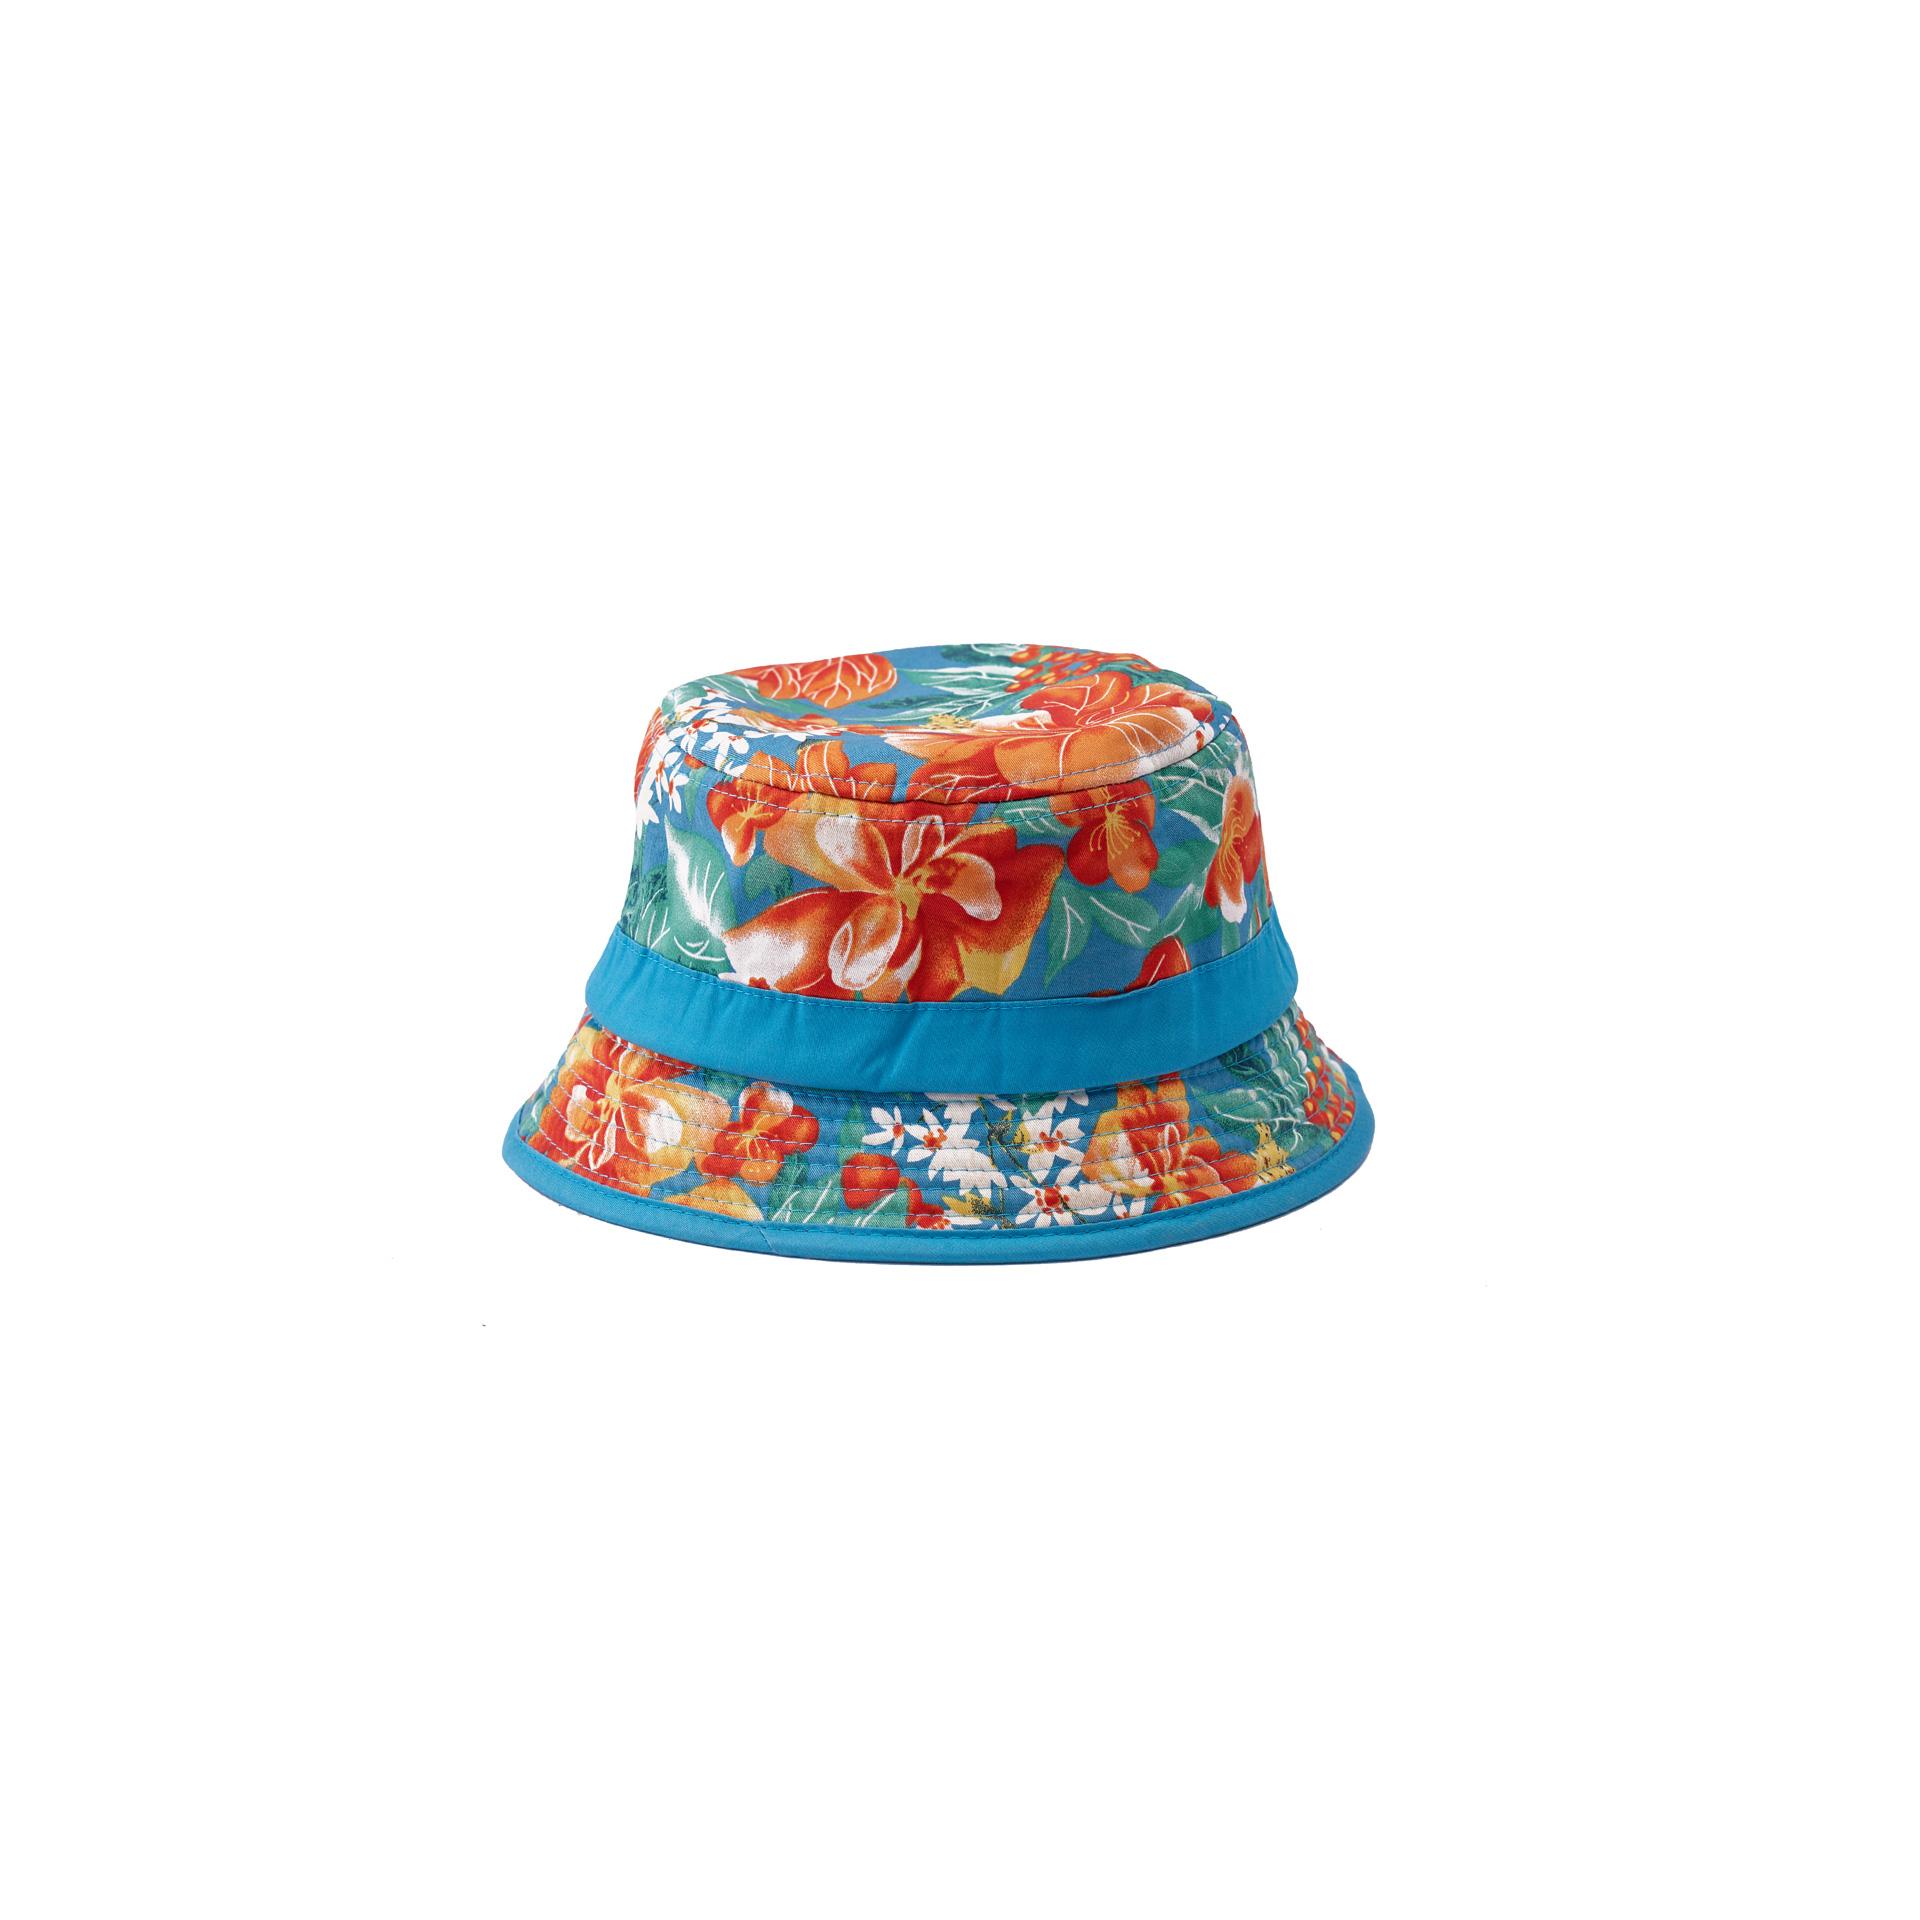 b4f481a18ab Tropical Bucket Hat - Magenta Vintage